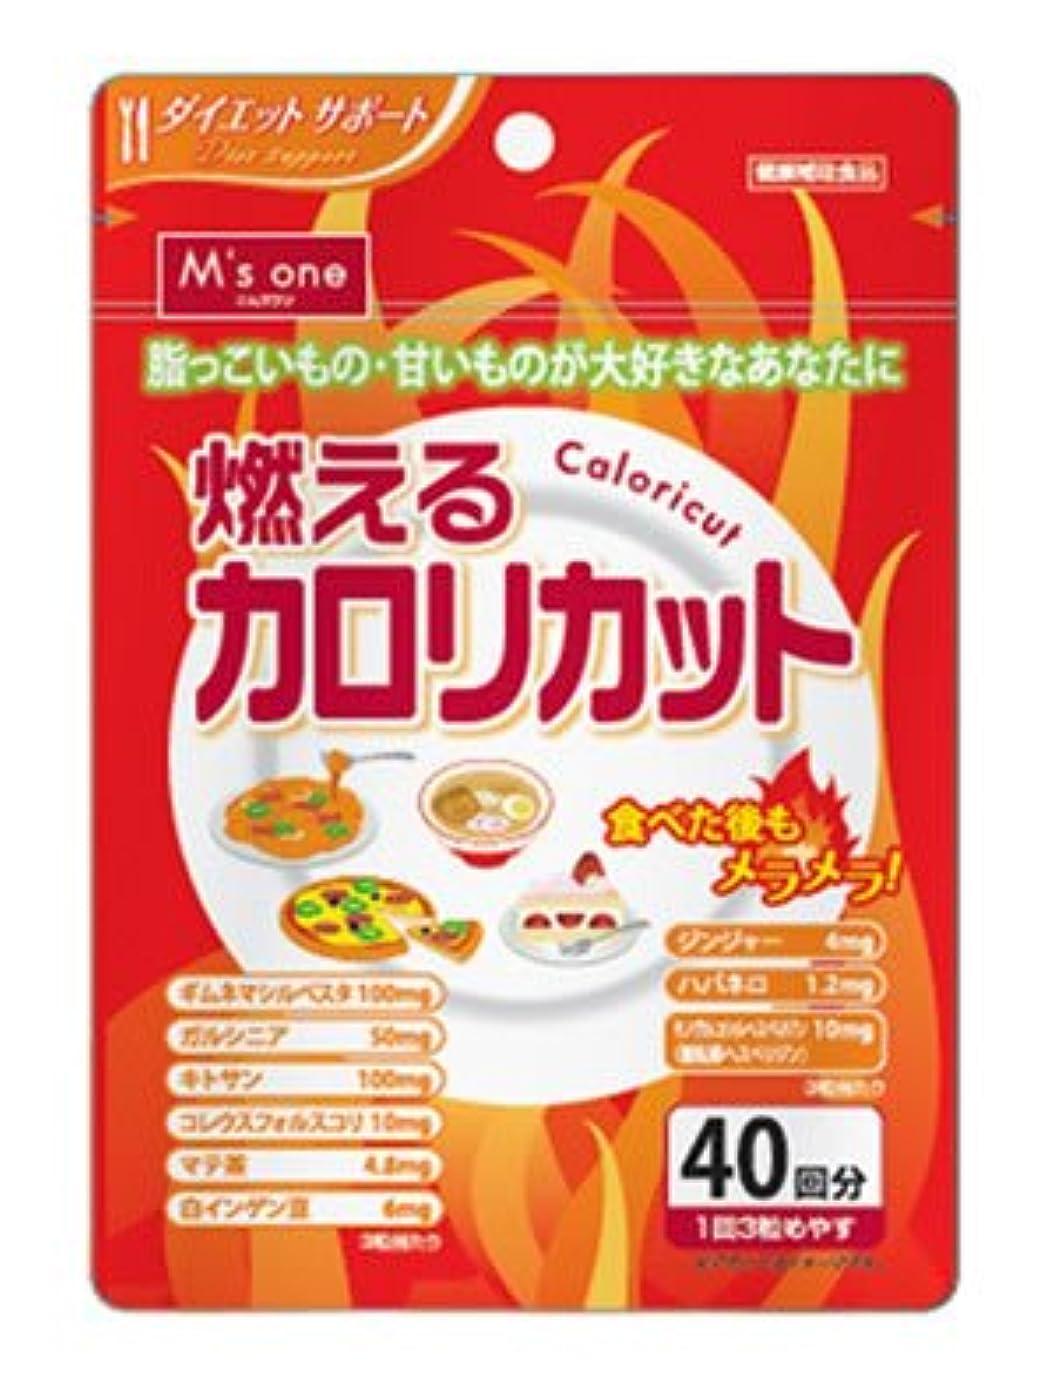 ベッド句読点文芸エムズワン 燃えるカロリカット ダイエットサポート サプリメント 健康補助食品 (40回分)